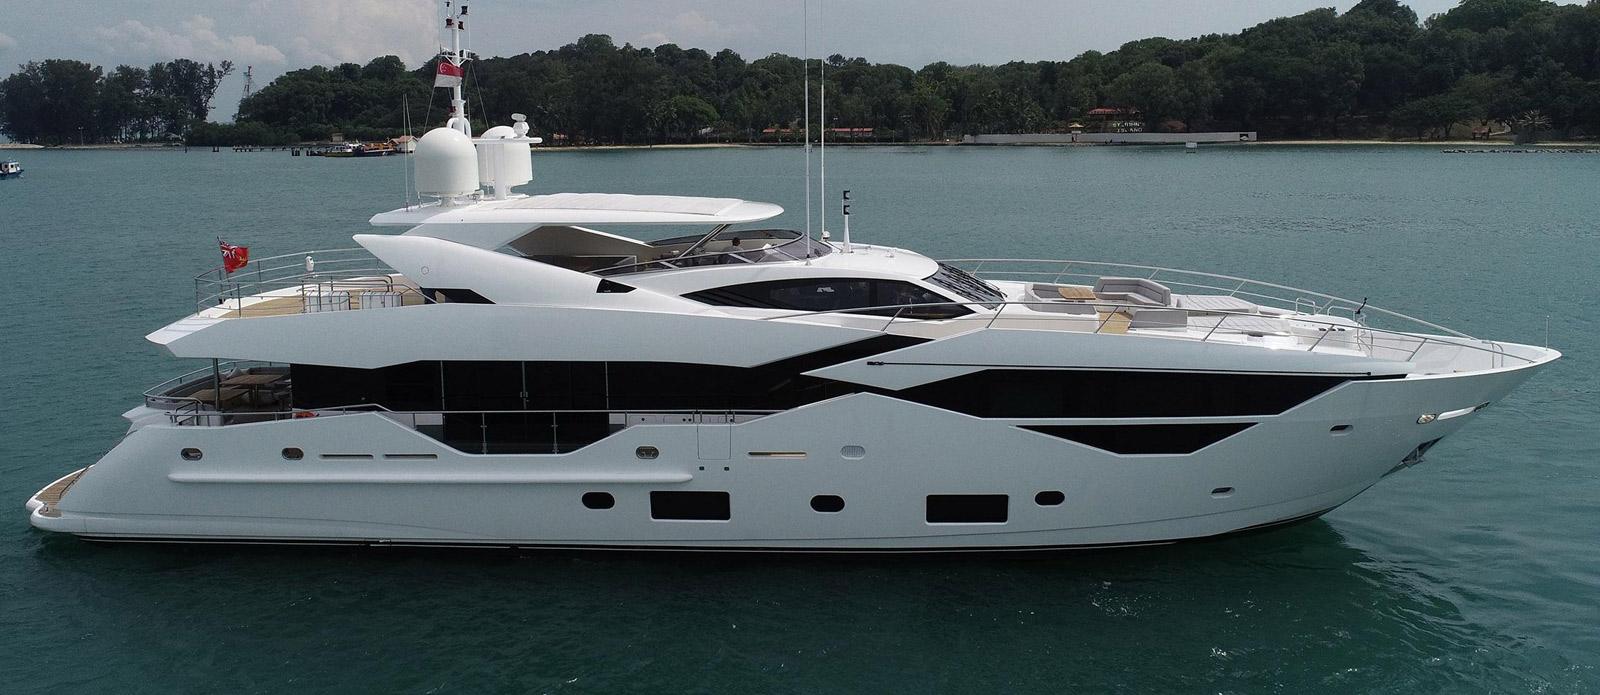 Sunseeker-116-Sport-Yacht-Priceless-2